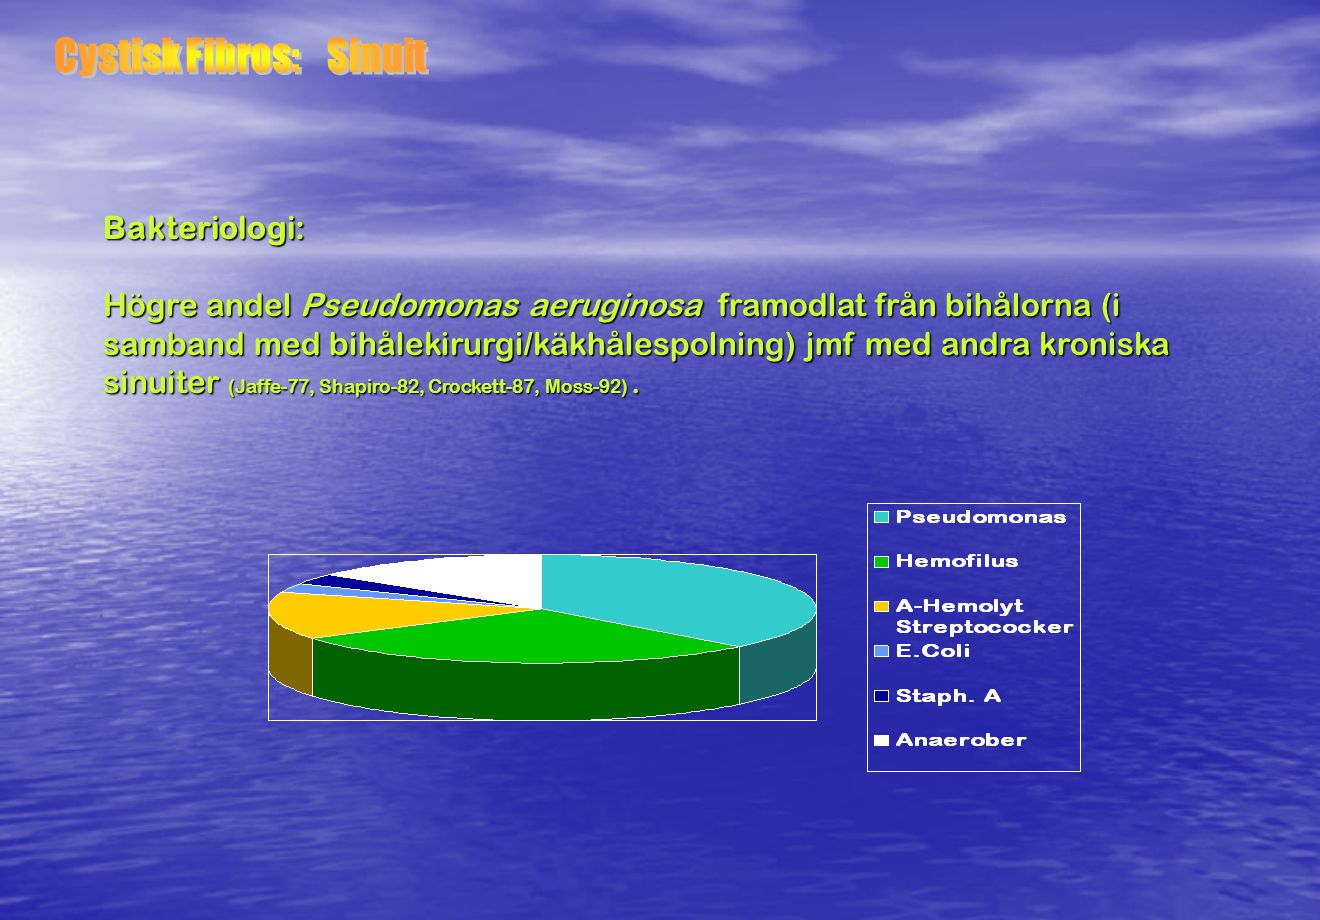 Bakteriologi: Högre andel Pseudomonas aeruginosa framodlat från bihålorna (i samband med bihålekirurgi/käkhålespolning) jmf med andra kroniska sinuite